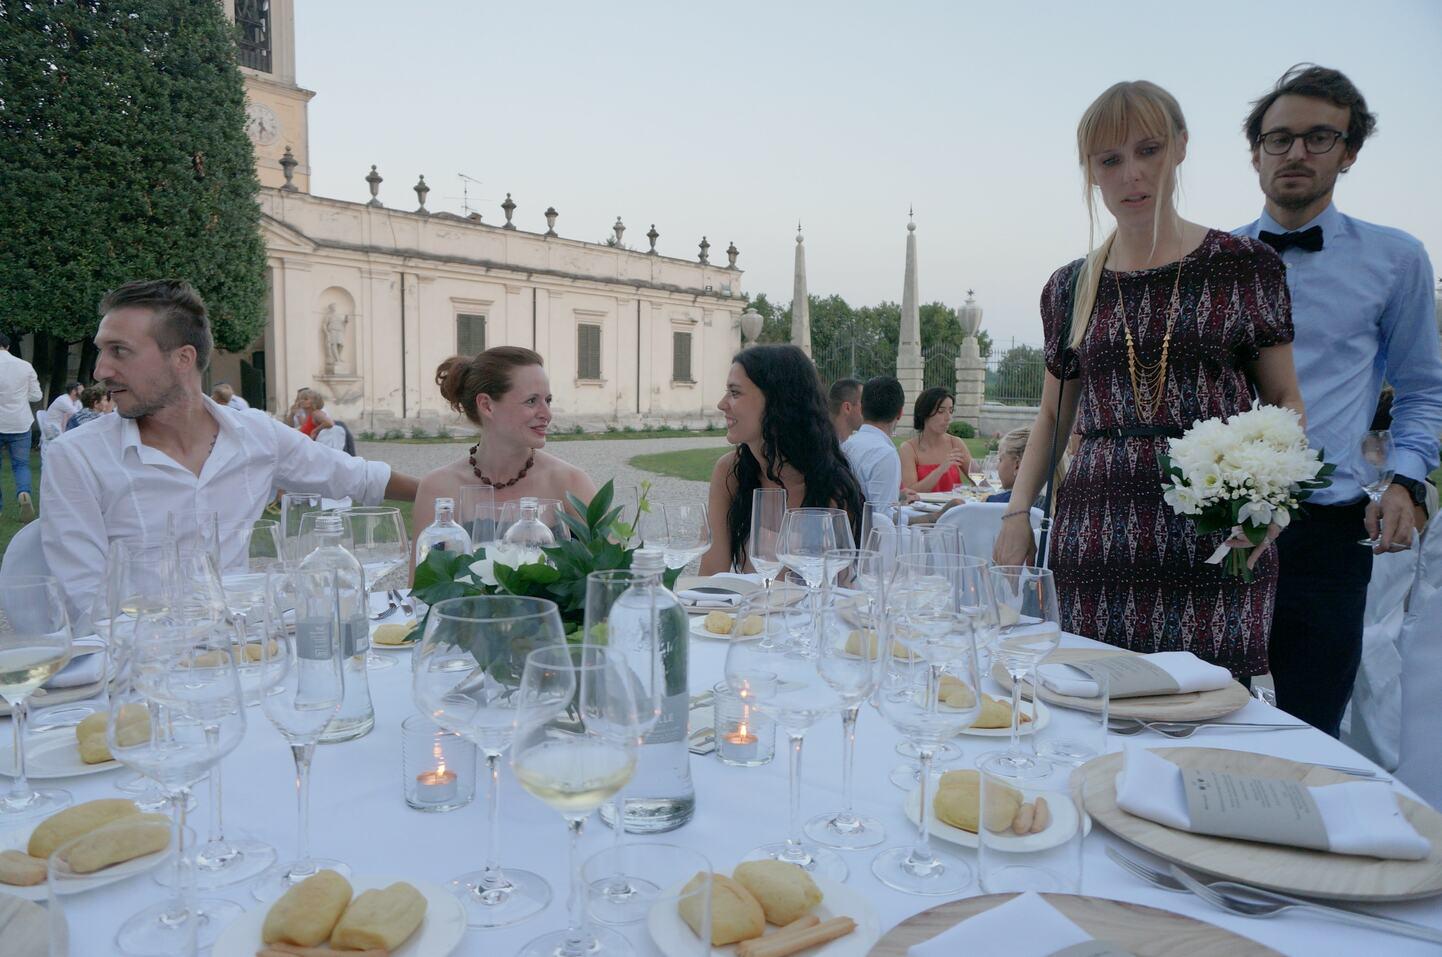 結婚式テーブルの様子